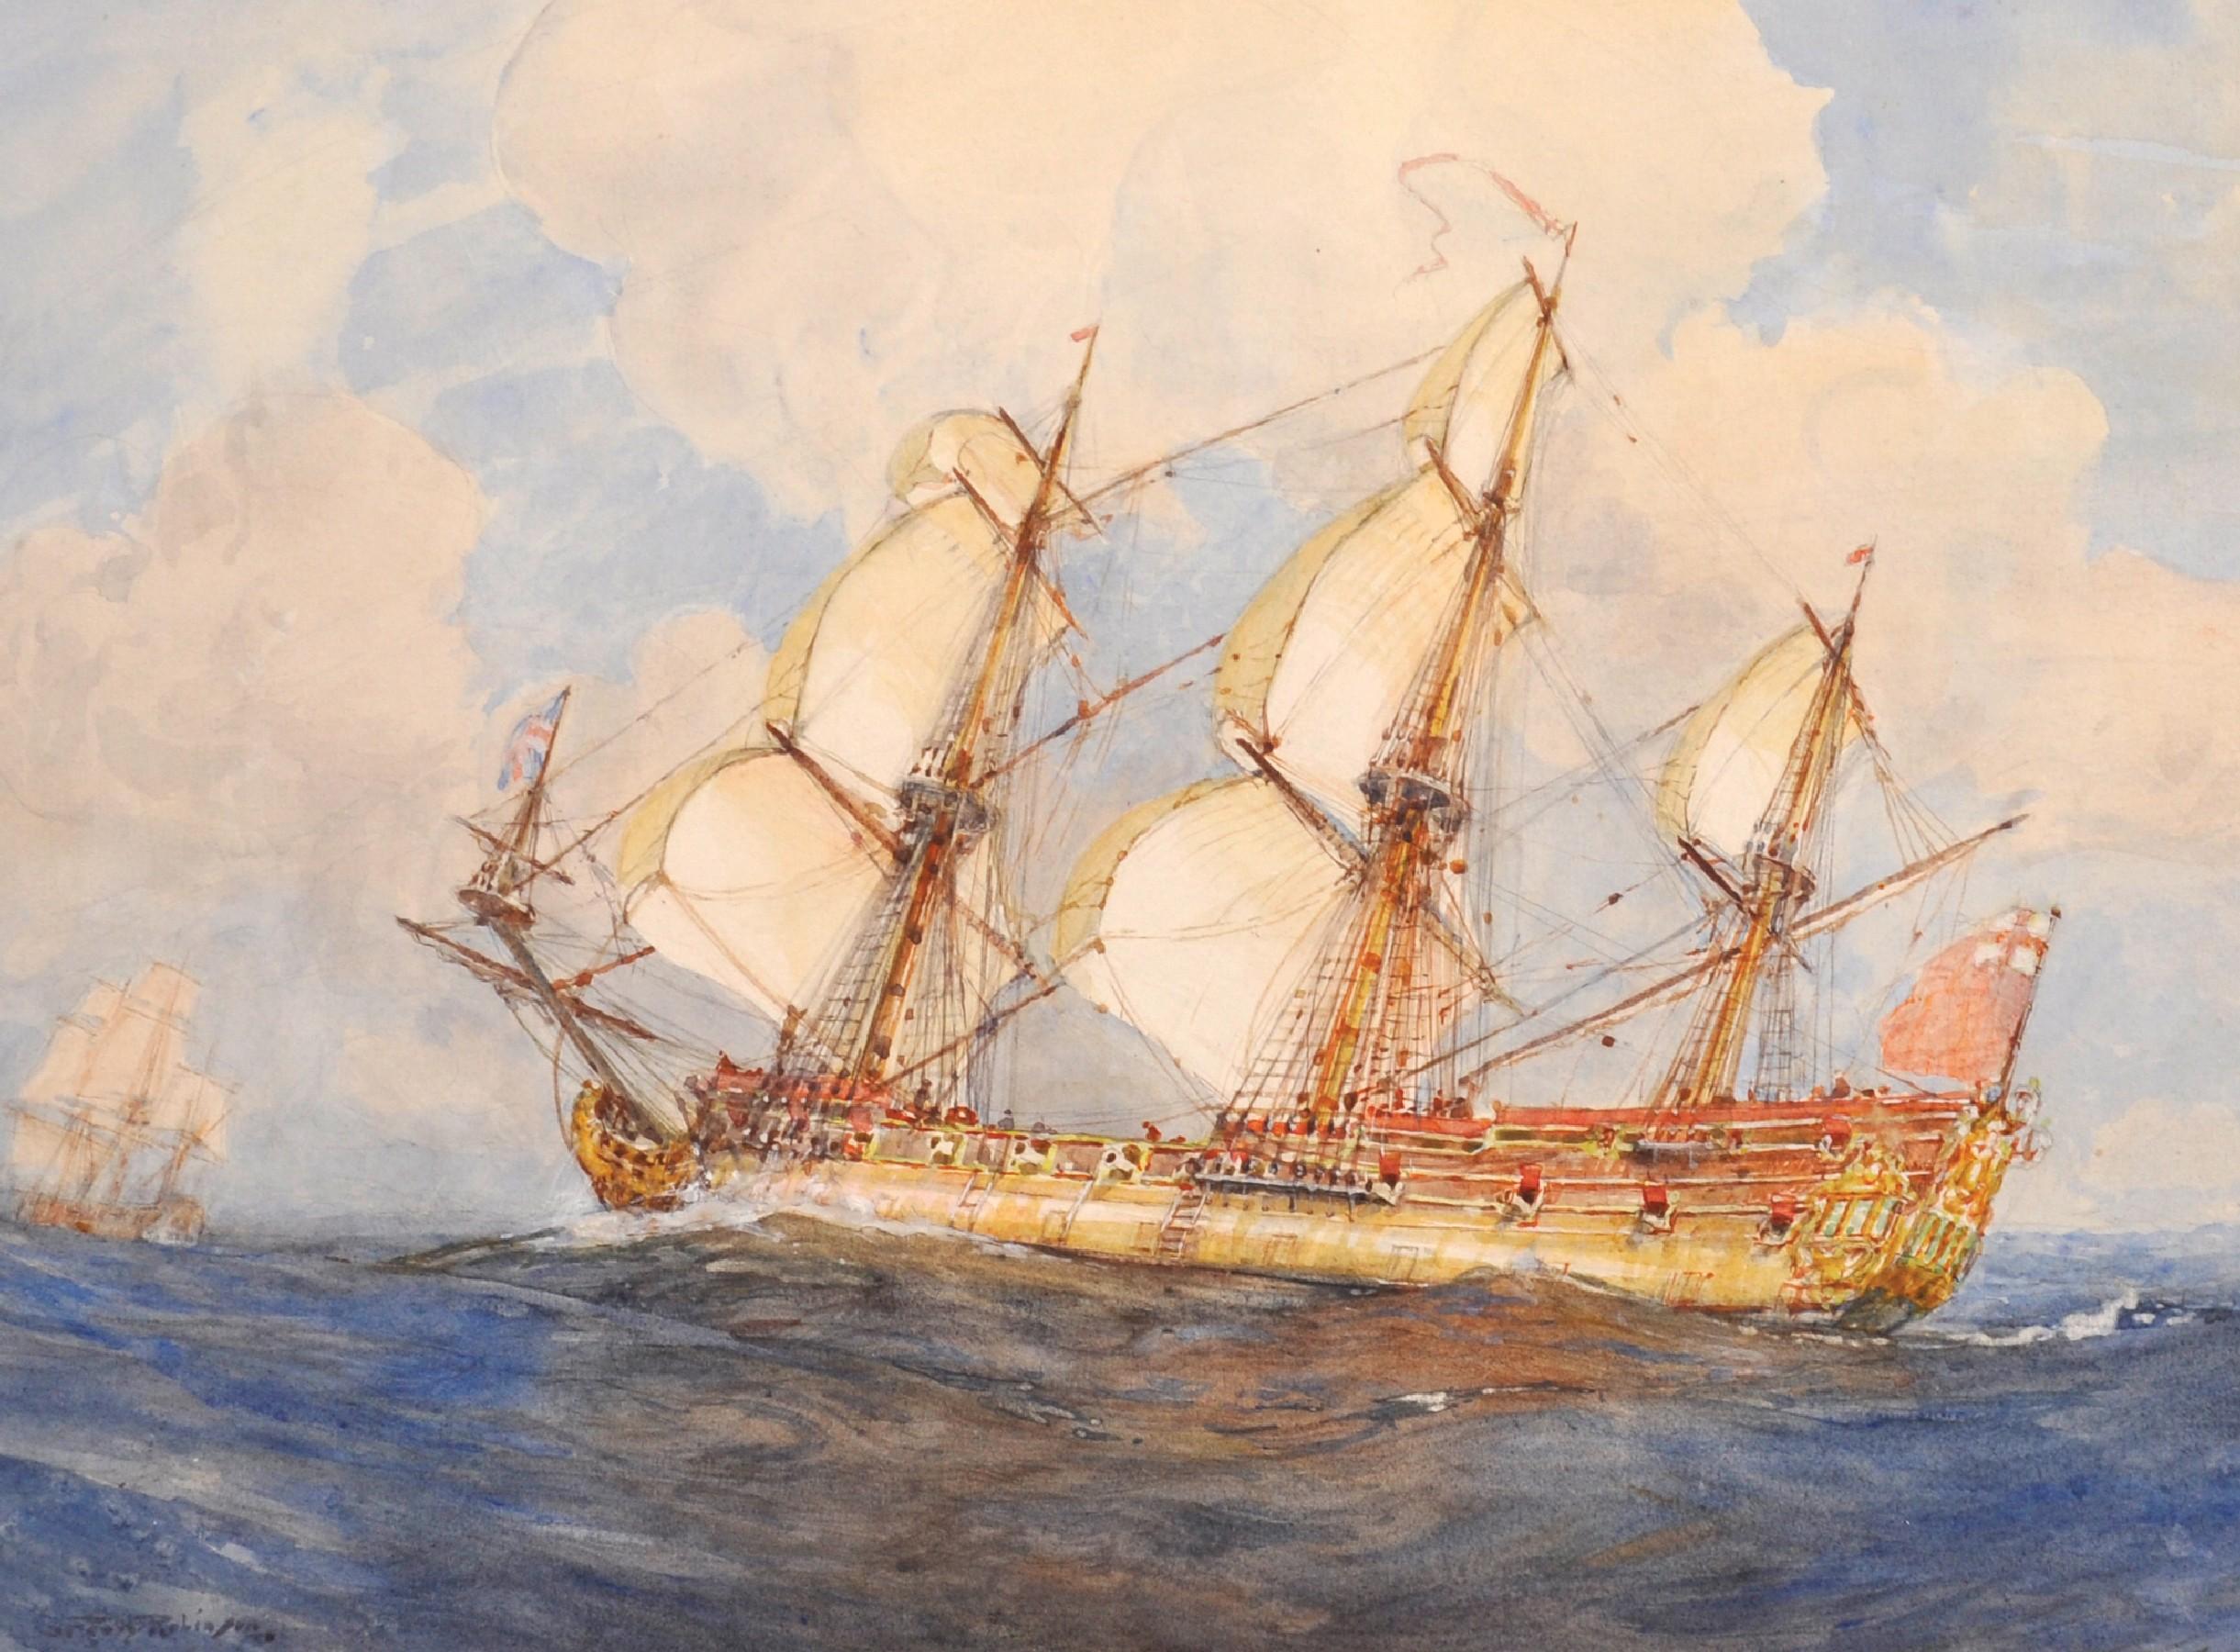 Gregory Robinson (1876-1967) British. Three Masted Sailing Ship at Sea, Watercolour, Signed, 10.